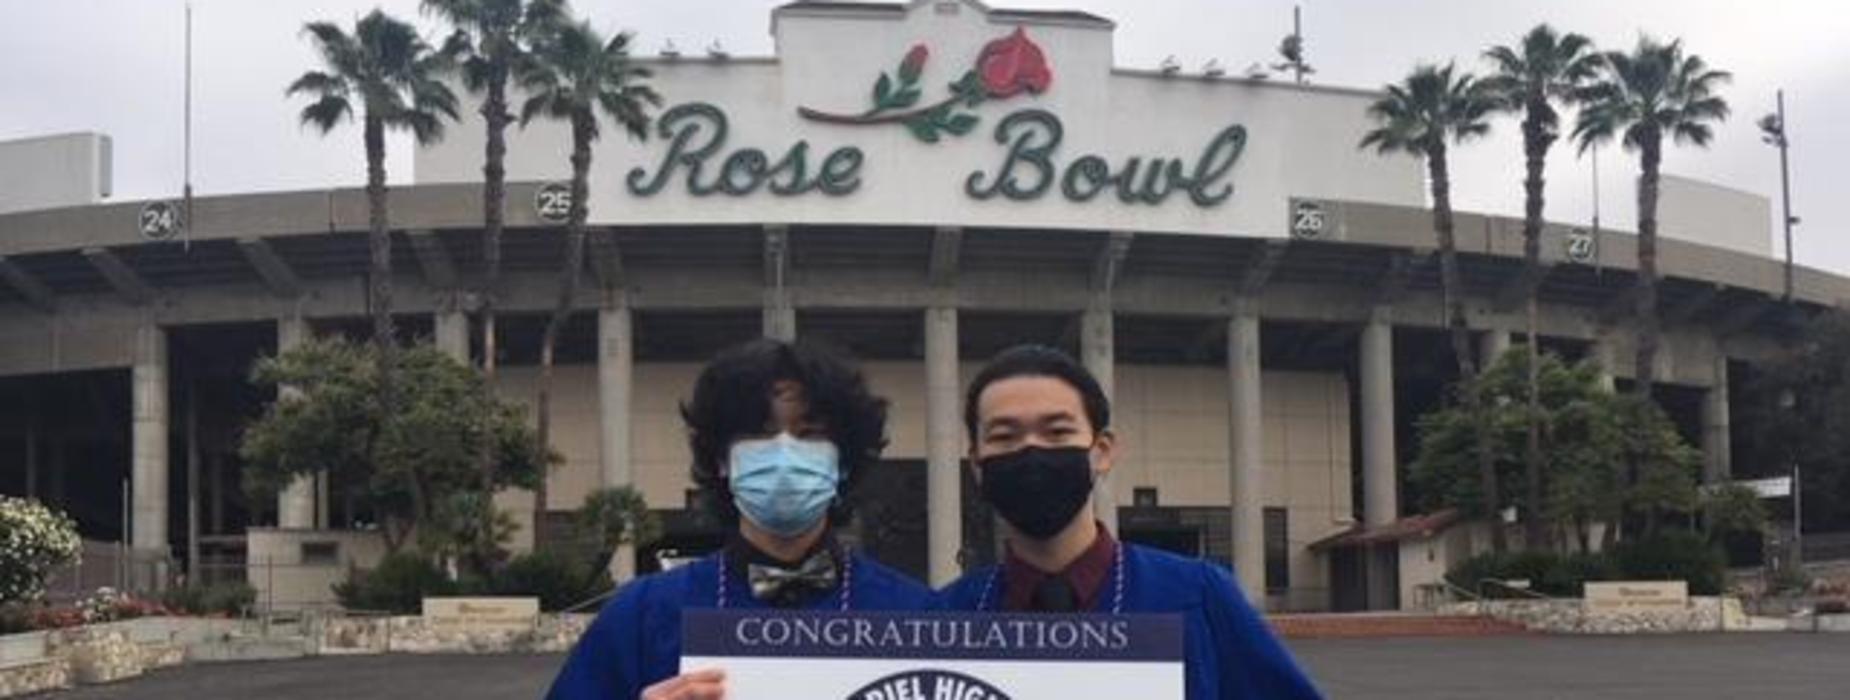 SGHS 2021 Graduates in front of Rose Bowl Stadium